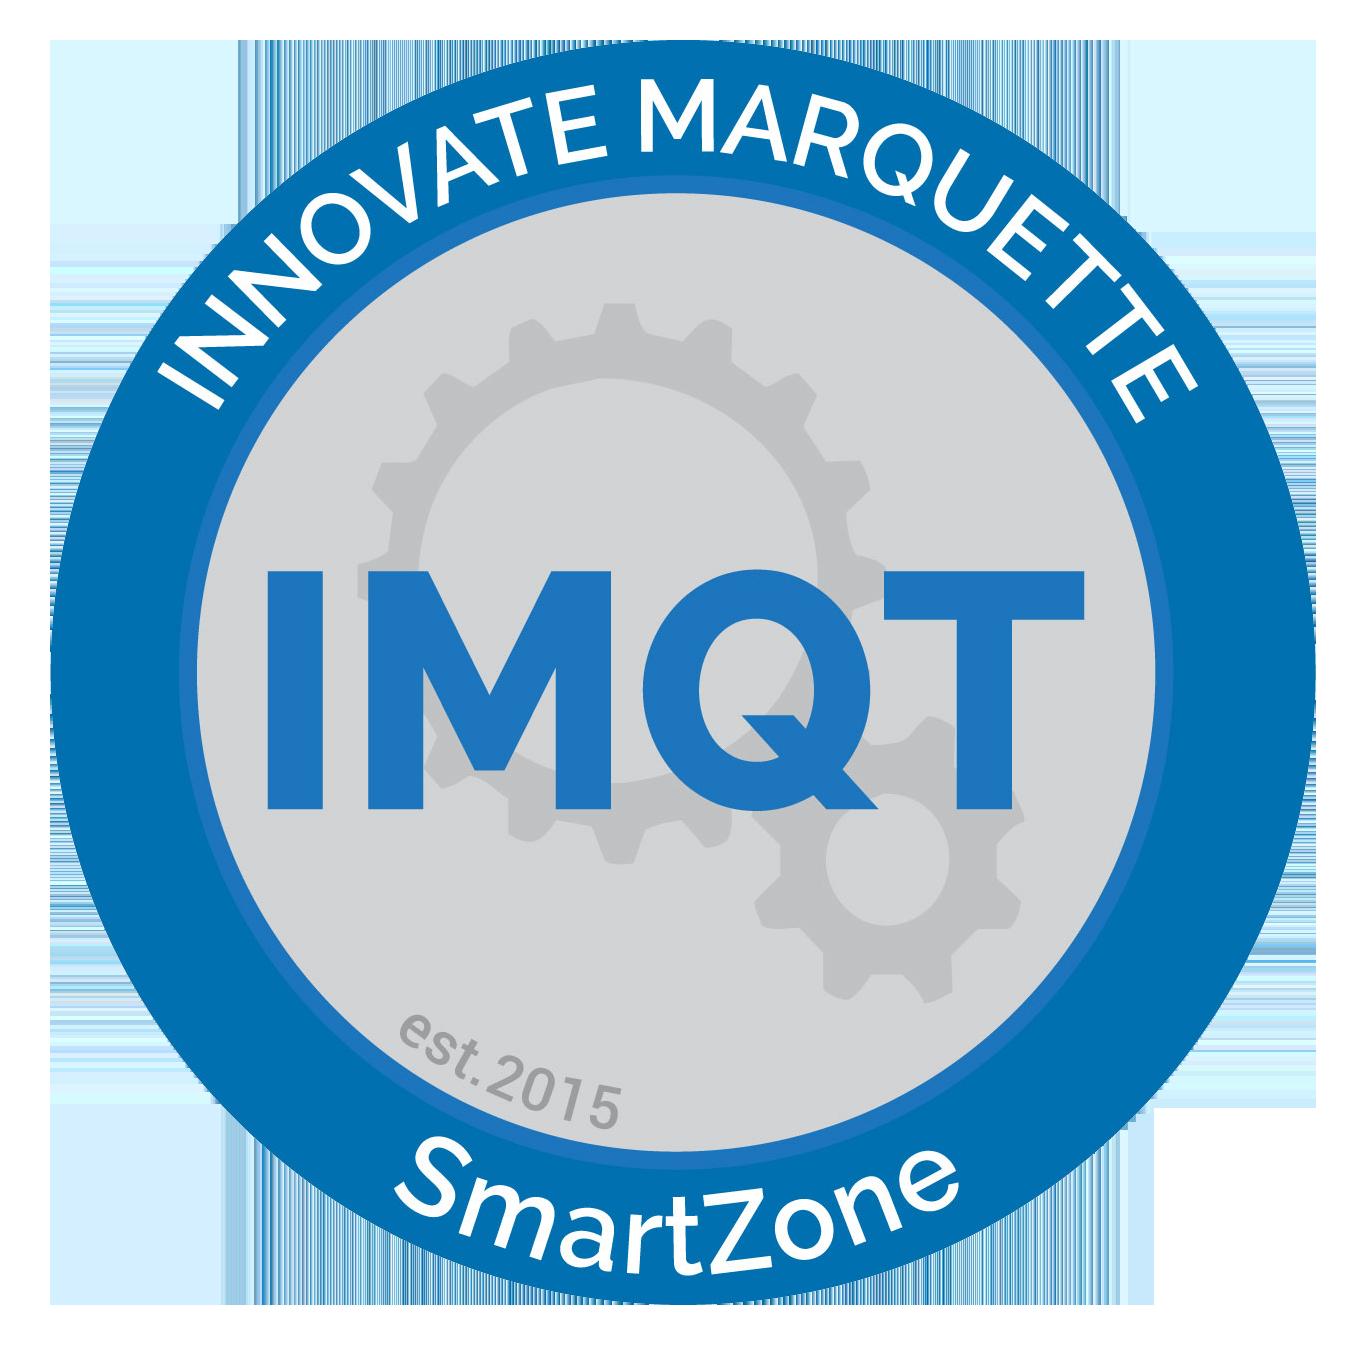 Innovate Marquette SmartZone